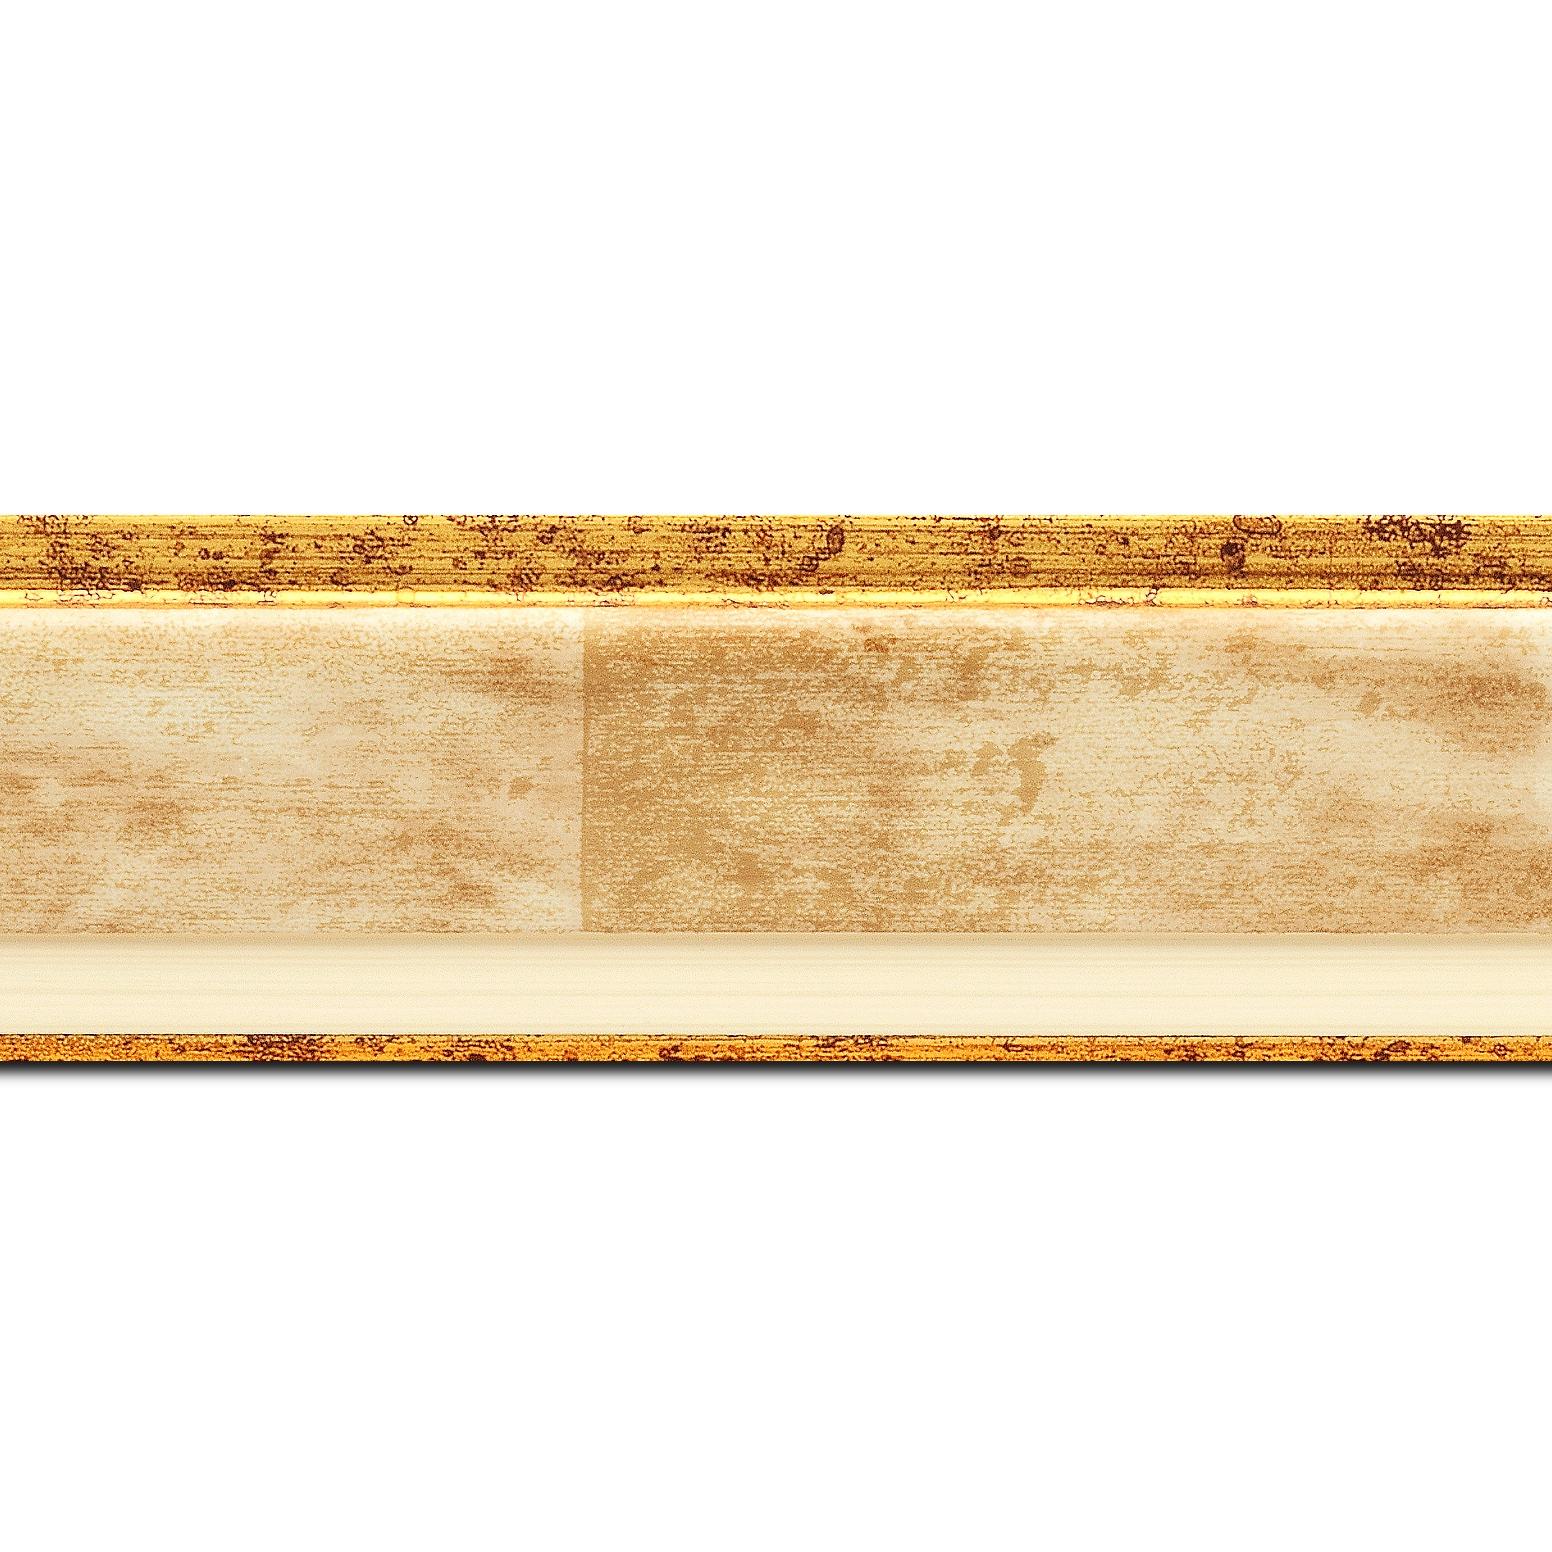 Baguette longueur 1.40m bois profil incliné largeur 5.4cm couleur crème  marie louise crème filet or intégrée